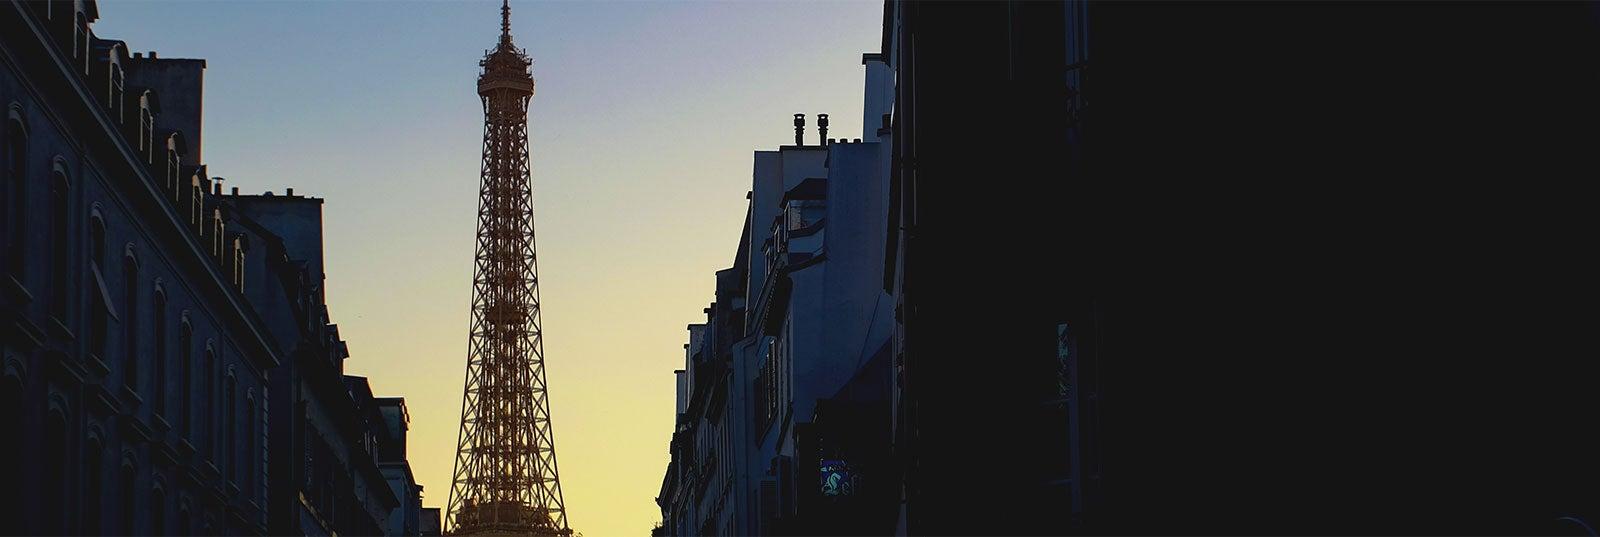 Guía turística de París